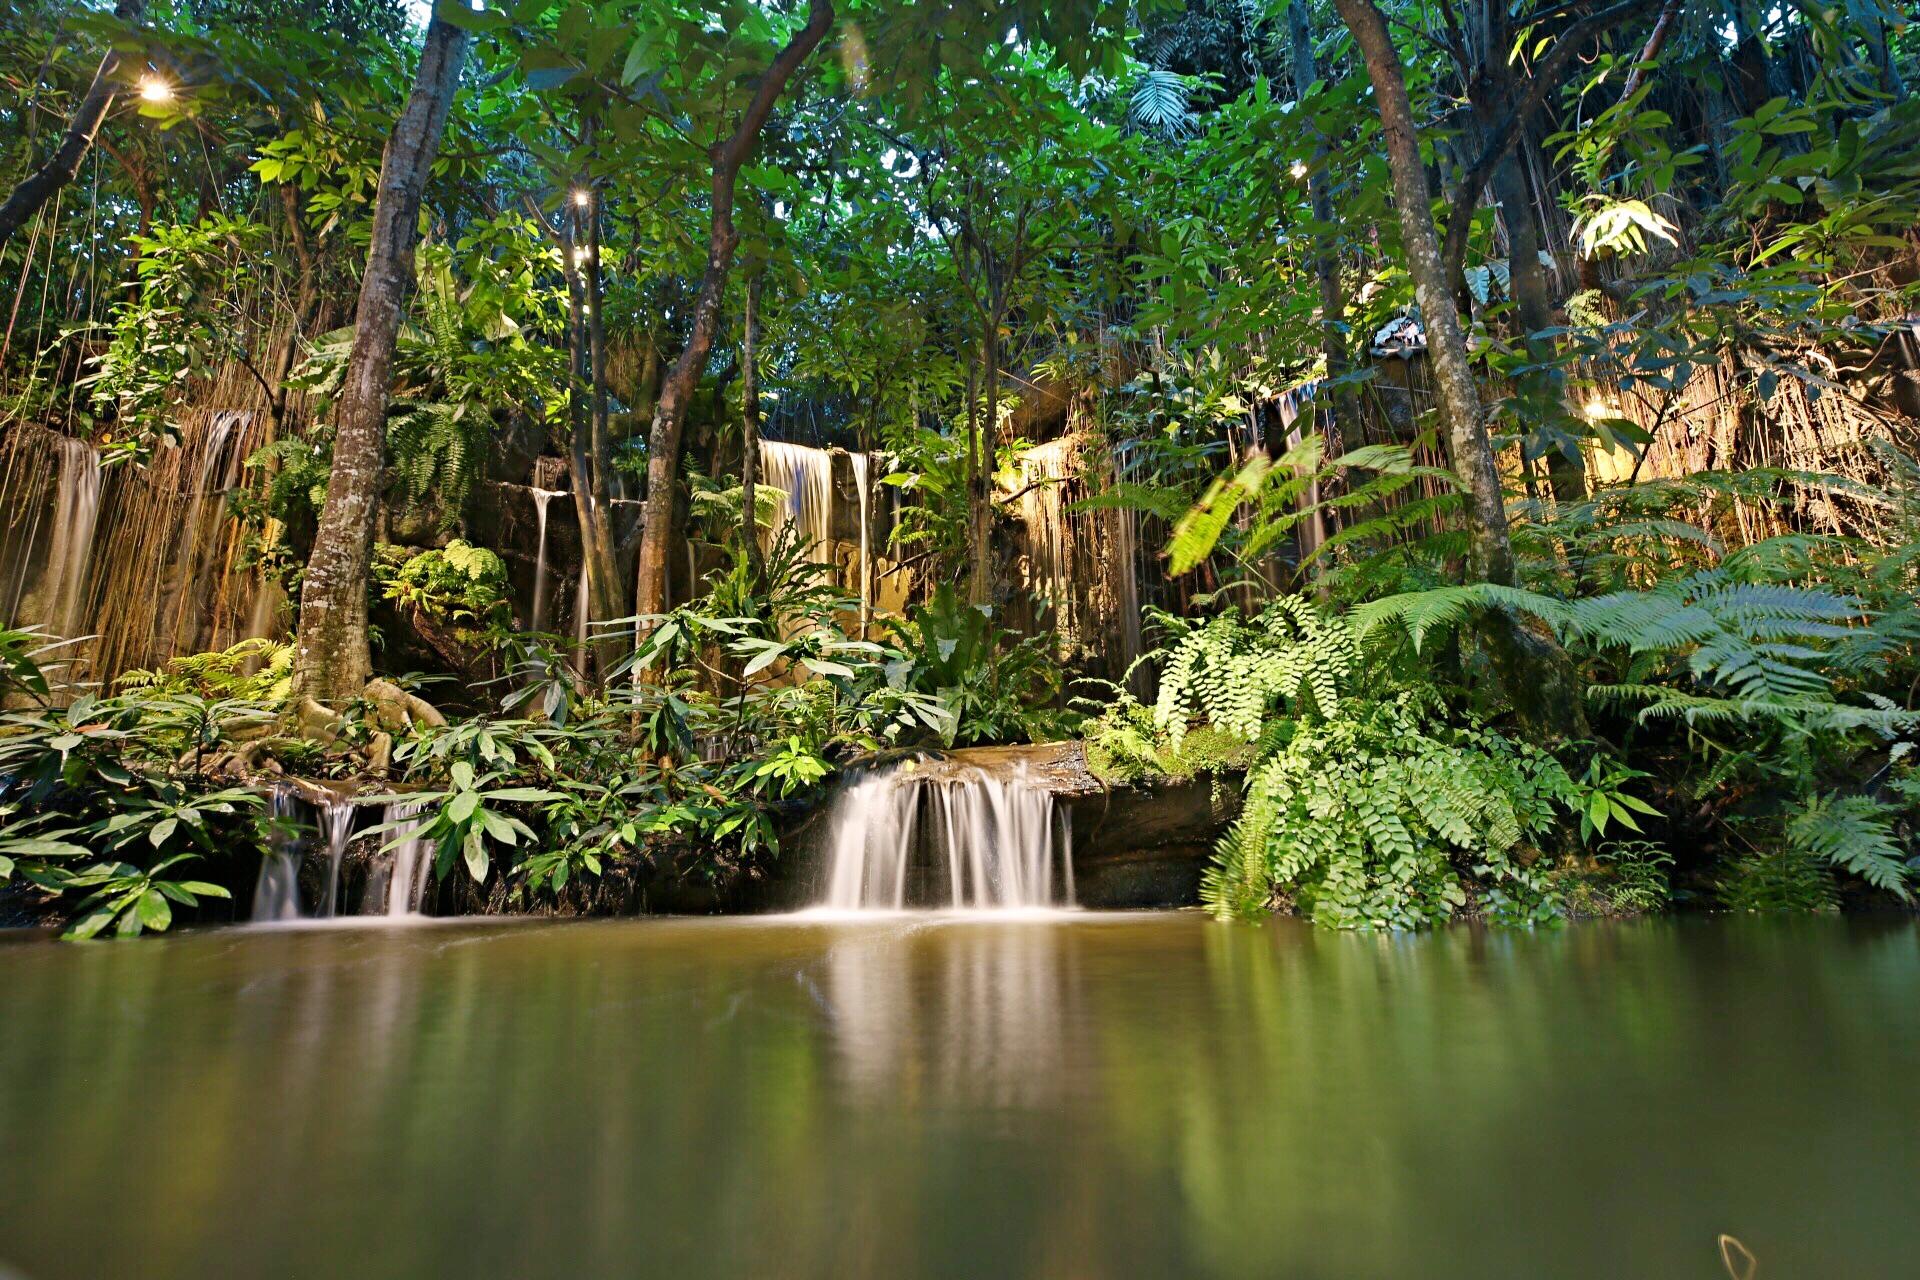 泰国khaomao-khaofang restaurant网红餐厅黑森林整个图片